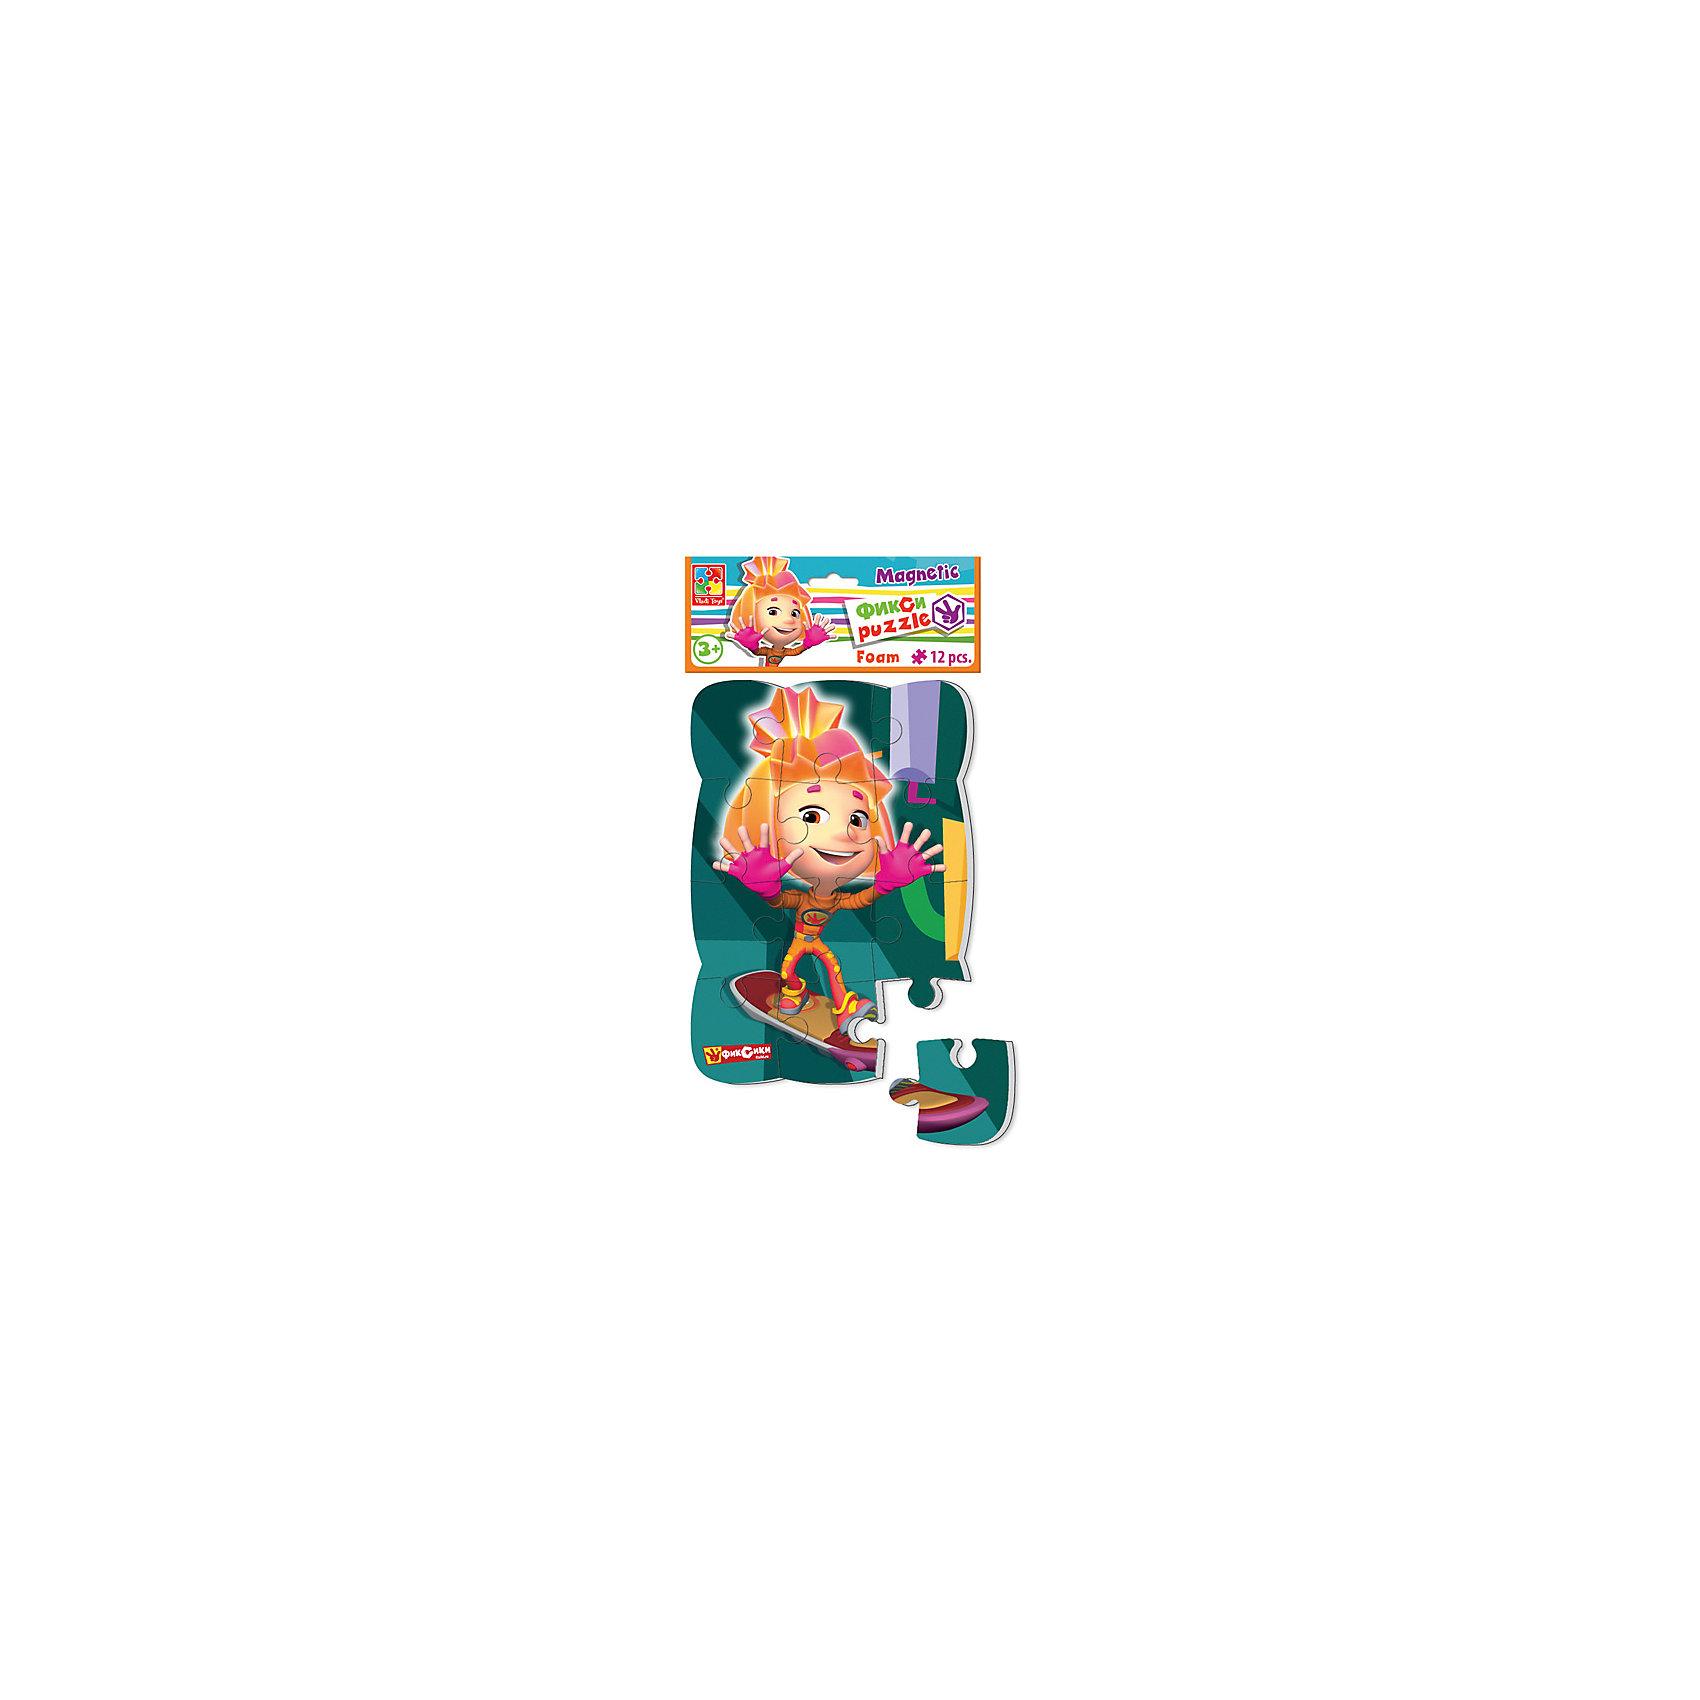 Пазлы на магните Симка, Фиксики, Vladi ToysПазлы для малышей<br>Характеристики:<br><br>• Вид игр: развивающие<br>• Серия: пазлы-магниты<br>• Пол: универсальный<br>• Материал: полимер, картон, магнит<br>• Цвет: розовый, оранжевый, зеленый, и др.<br>• Комплектация: 1 пазл из 12-ти элементов<br>• Размеры (Д*Ш*В): 18*4*30,5 см<br>• Тип упаковки: полиэтиленовый пакет с картонным клапаном <br>• Вес: 73 г<br><br>Пазлы на магните Симка, Фиксики, Vladi Toys, производителем которых является компания, специализирующаяся на выпуске развивающих игр, давно уже стали популярными среди аналогичной продукции. Мягкие пазлы – идеальное решение для развивающих занятий с самыми маленькими детьми, так как они разделены на большие элементы с крупными изображениями, чаще всего в качестве картинок используются герои популярных мультсериалов. Самое важное в пазле для малышей – это минимум деталей и безопасность элементов. Все используемые в производстве материалы являются экологически безопасными, не вызывают аллергии, не имеют запаха. Пазлы на магните Симка, Фиксики, Vladi Toys представляет собой сюжетную картинку, которая состоит из 12-и крупных элементов с изображением Симки. <br>Занятия с мягкими пазлами от Vladi Toys способствуют развитию не только мелкой моторики, но и внимательности, усидчивости, терпению при достижении цели. Кроме того, по собранной картинке можно составлять рассказ, что позволит развивать речевые навыки, память и воображение.<br><br>Пазлы на магните Симка, Фиксики, Vladi Toys можно купить в нашем интернет-магазине.<br><br>Ширина мм: 180<br>Глубина мм: 4<br>Высота мм: 305<br>Вес г: 73<br>Возраст от месяцев: 24<br>Возраст до месяцев: 60<br>Пол: Унисекс<br>Возраст: Детский<br>SKU: 5136087